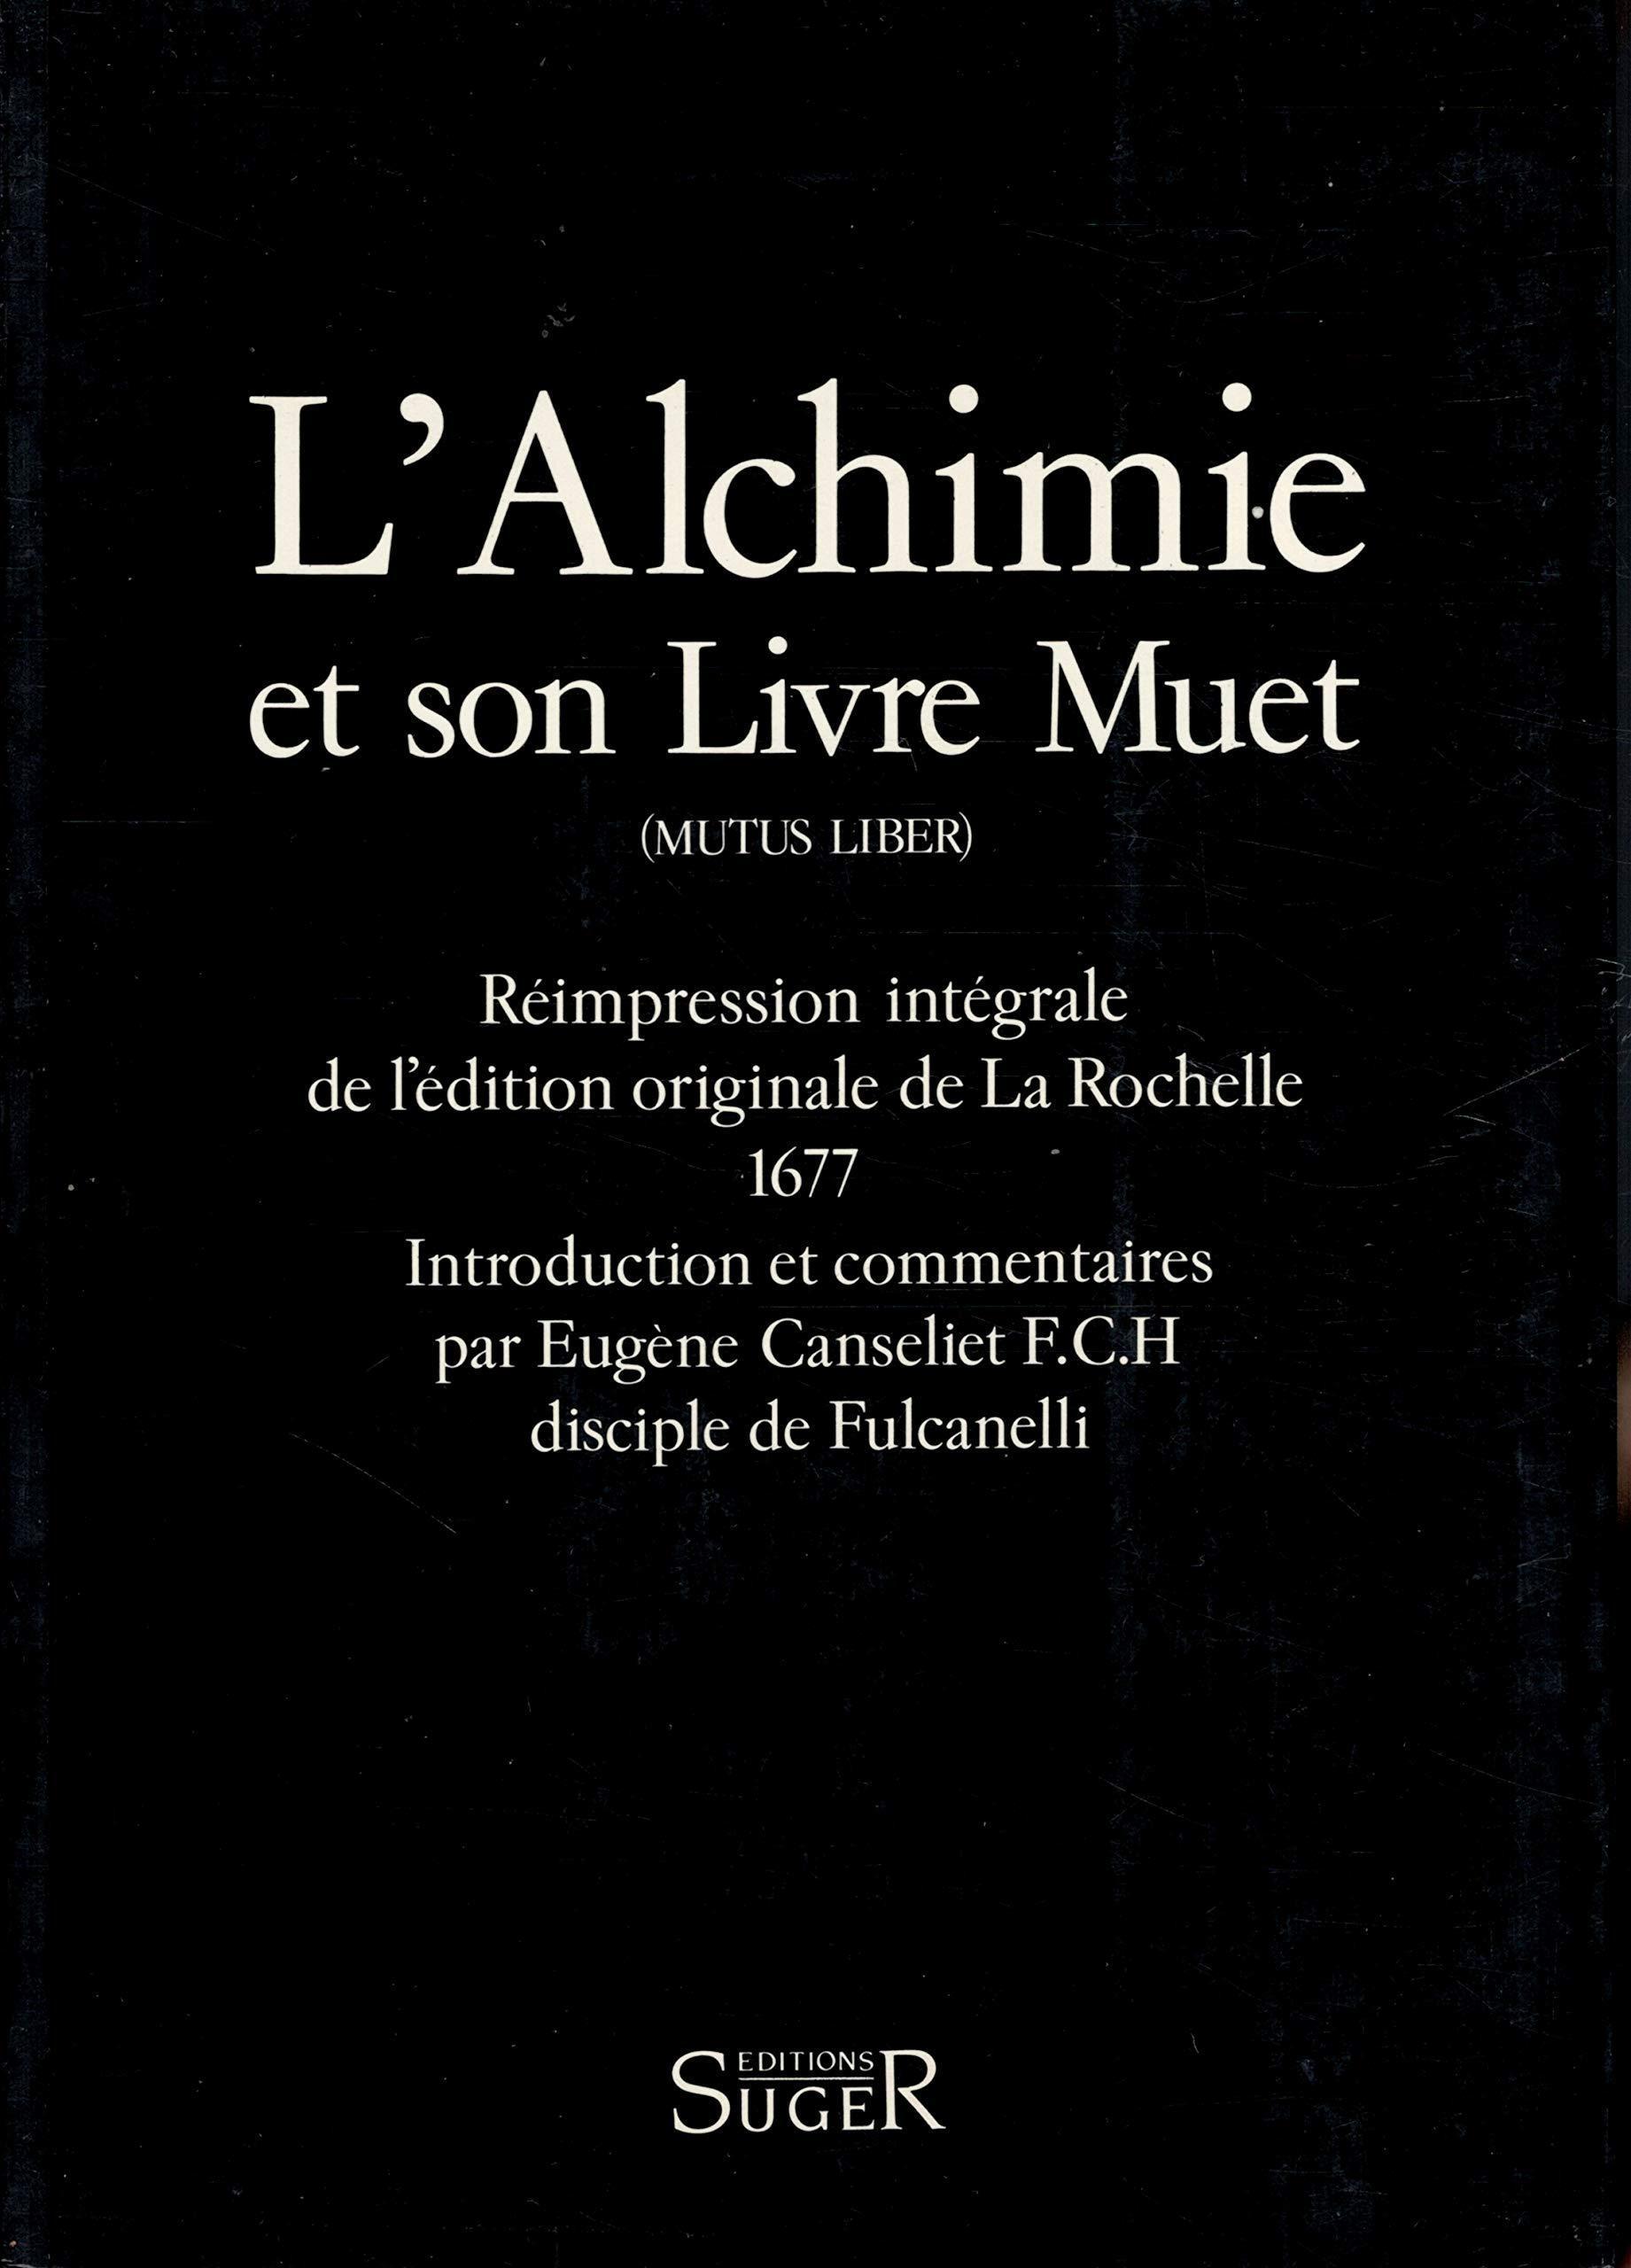 L'alchimie et son livre muet (Mutus Liber) - Anonyme